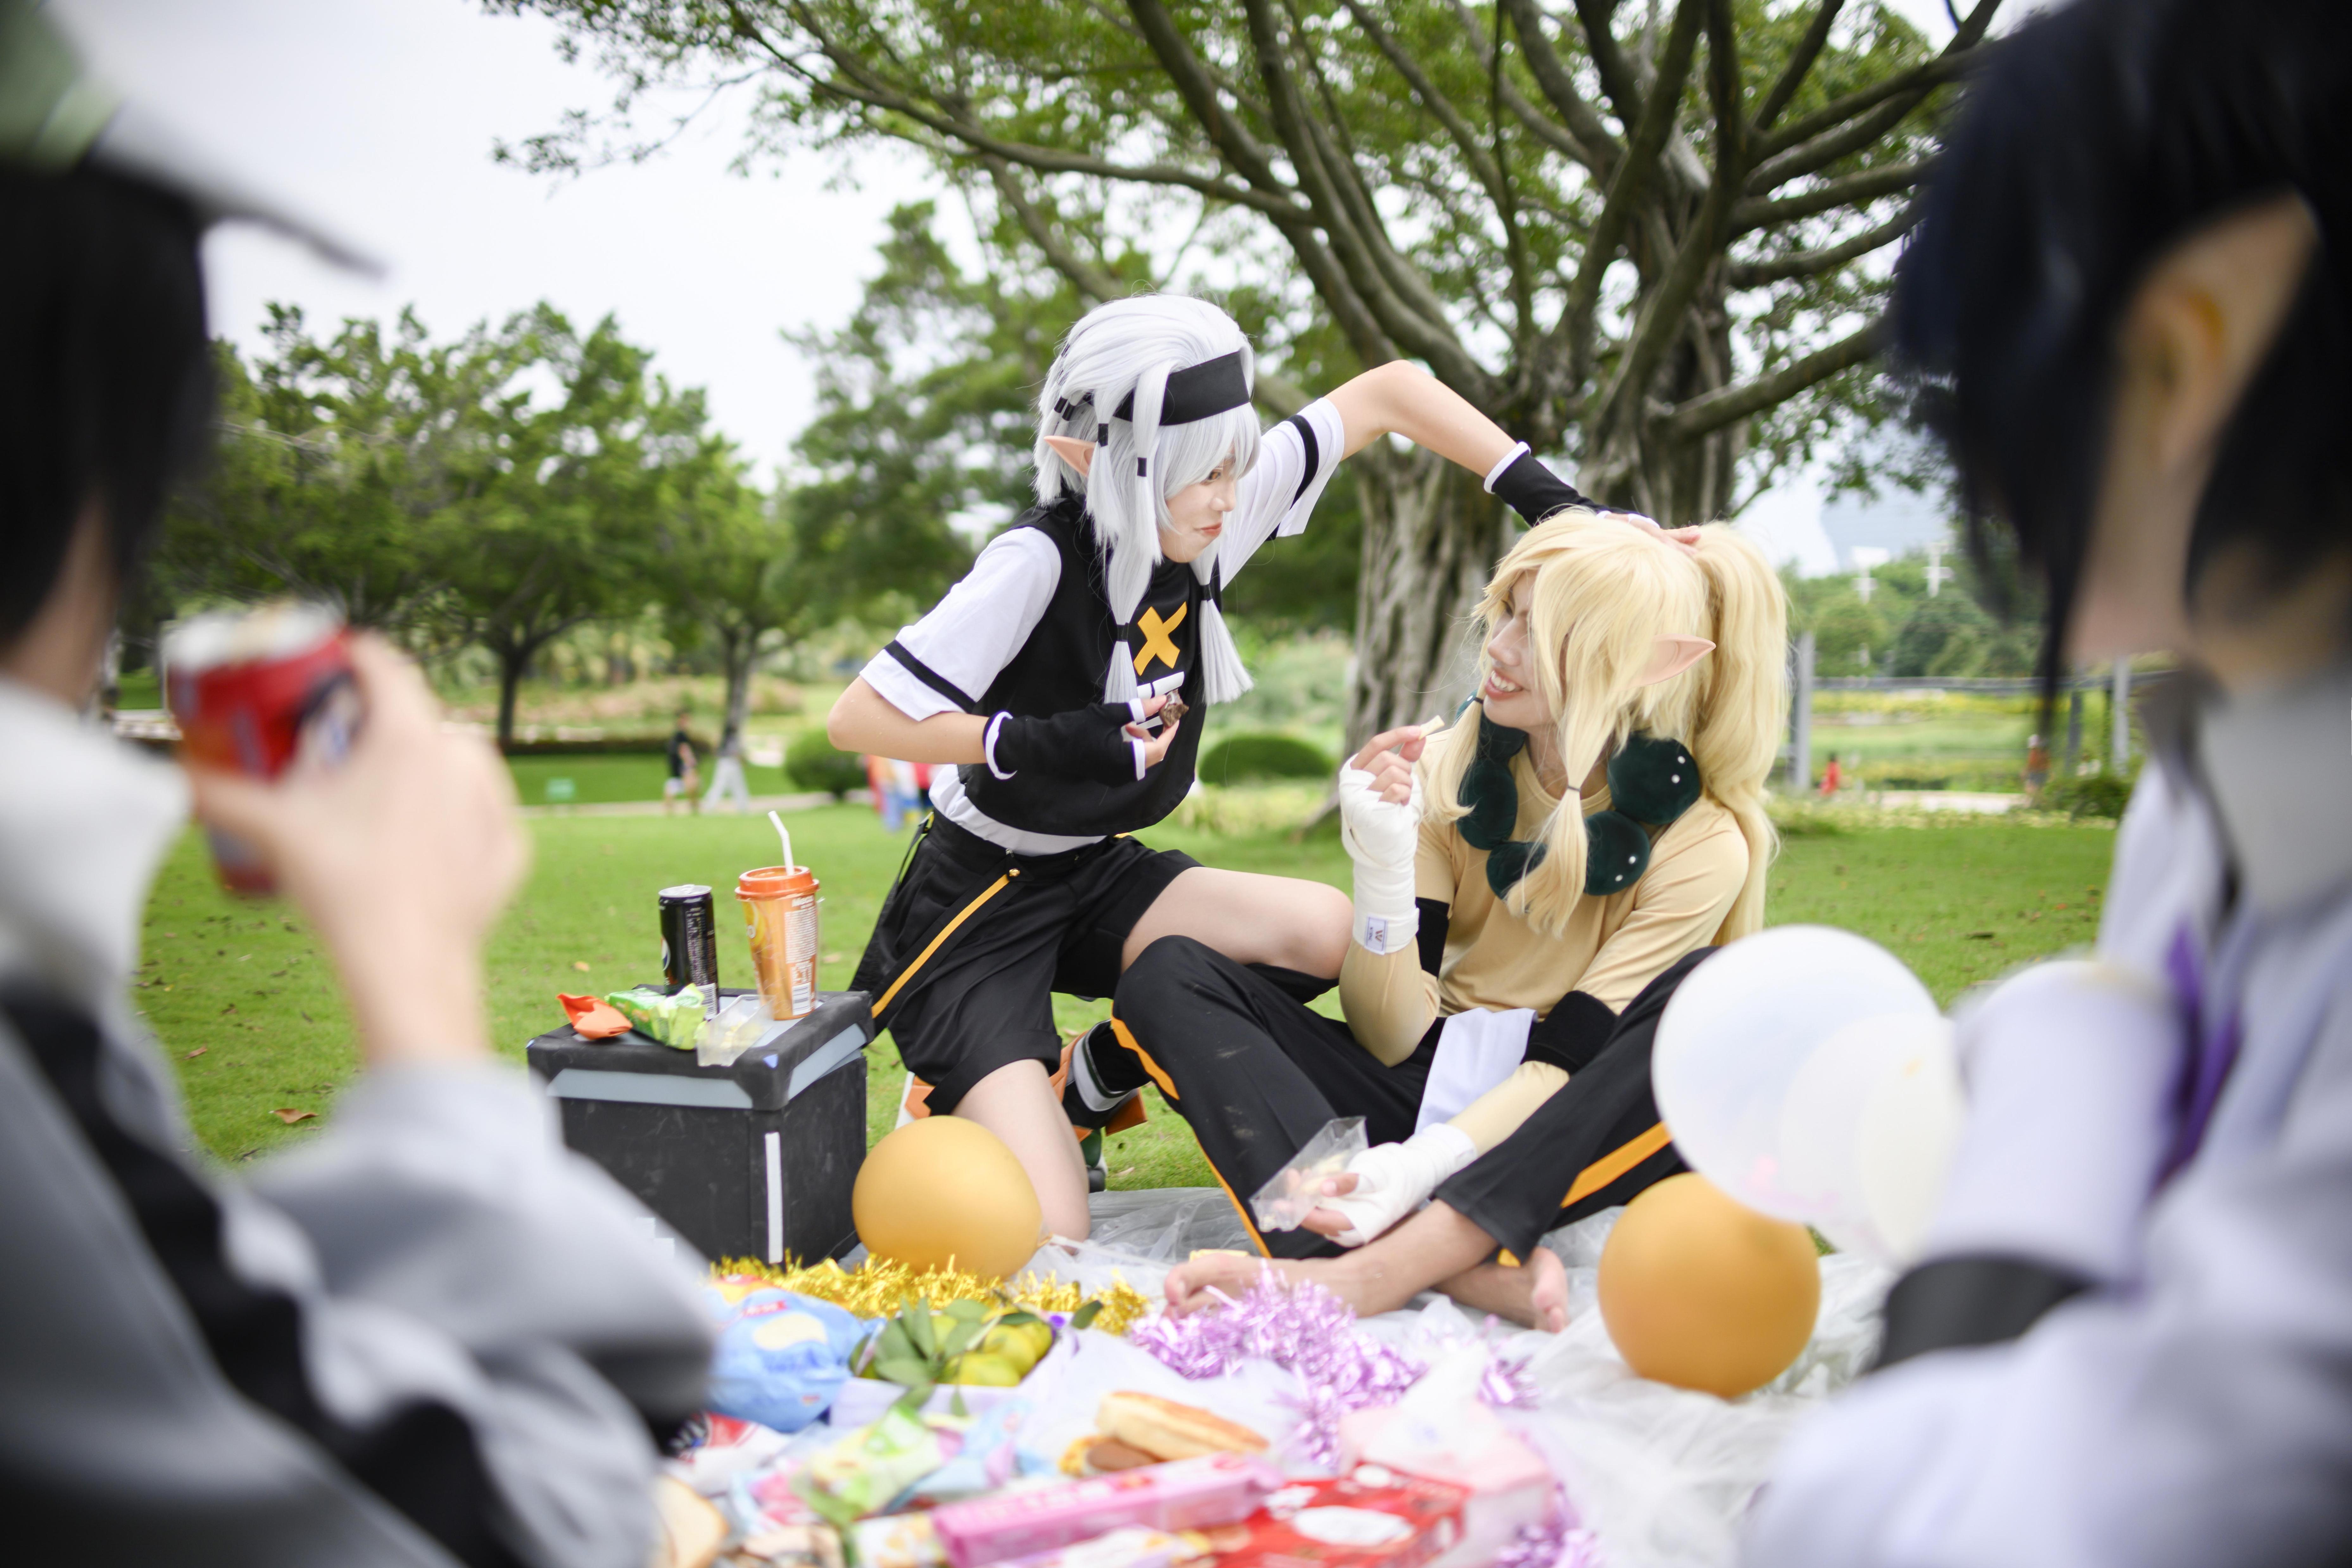 《凹凸世界》正片cosplay【CN:奶茶味的小夜】-第9张